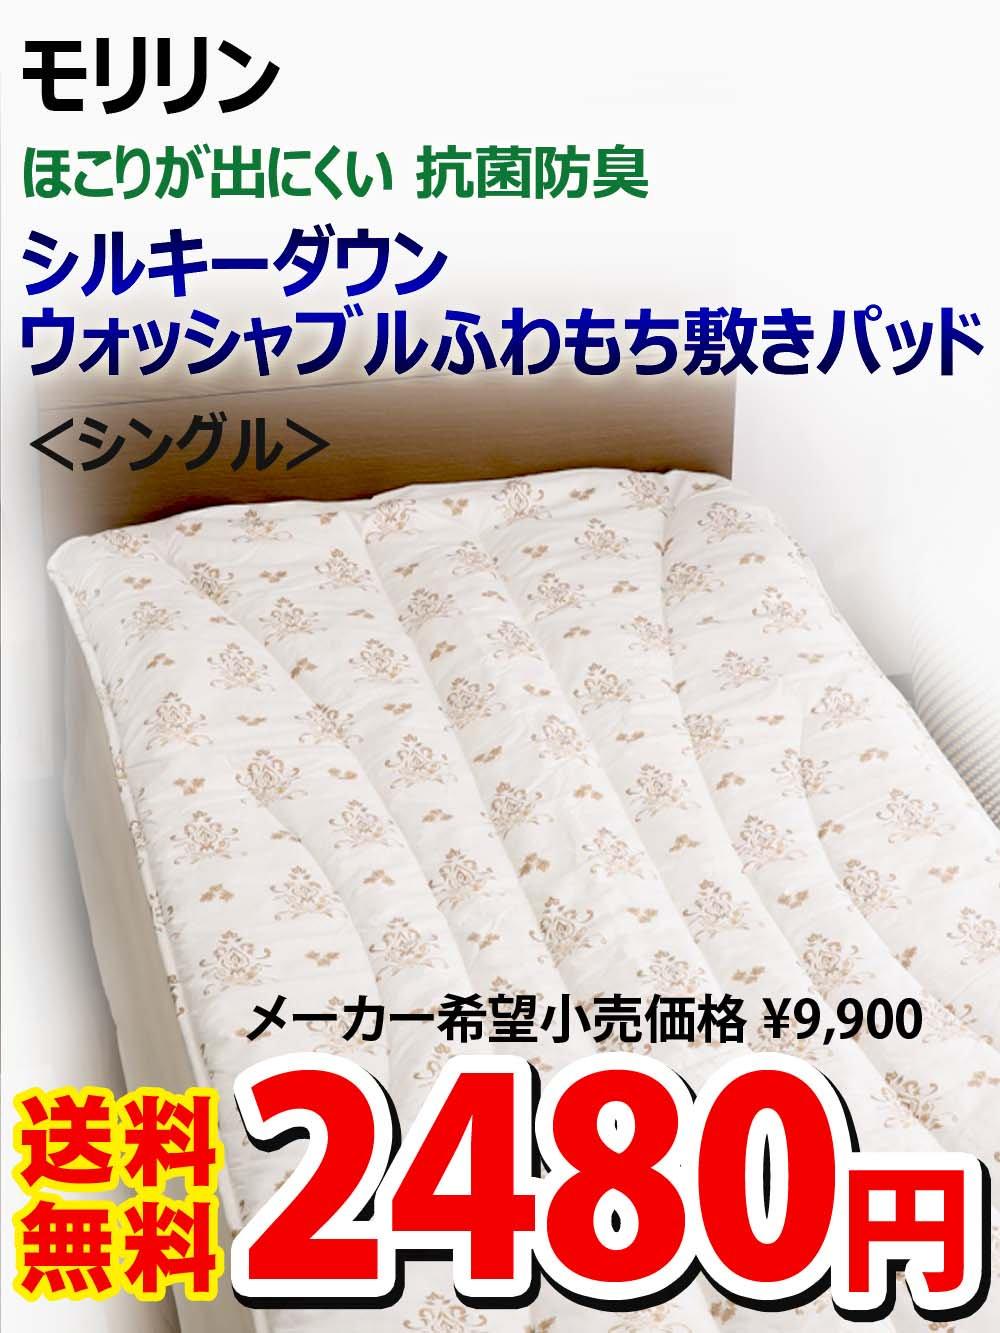 【送料無料】モリリン シルキーダウン もちもち敷きパッド 防ダニ シングル【2480円】